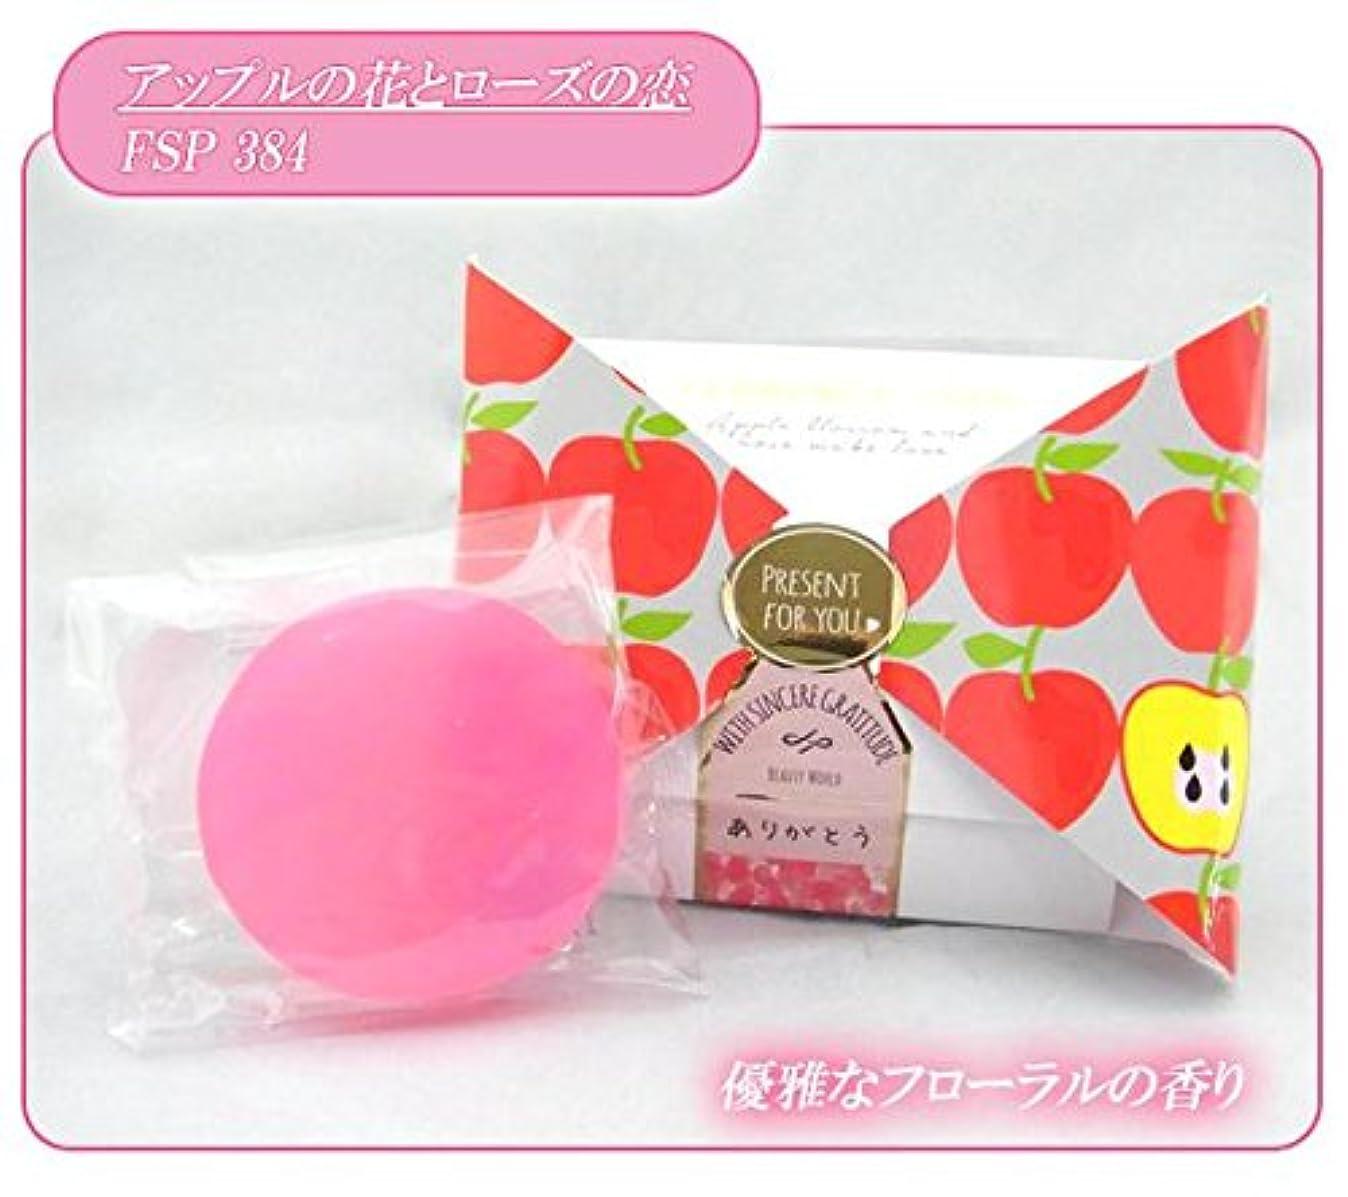 すずめ祝福するいくつかのビューティーワールド BWフローレンスの香り石けん リボンパッケージ 6個セット アップルの花とローズの恋